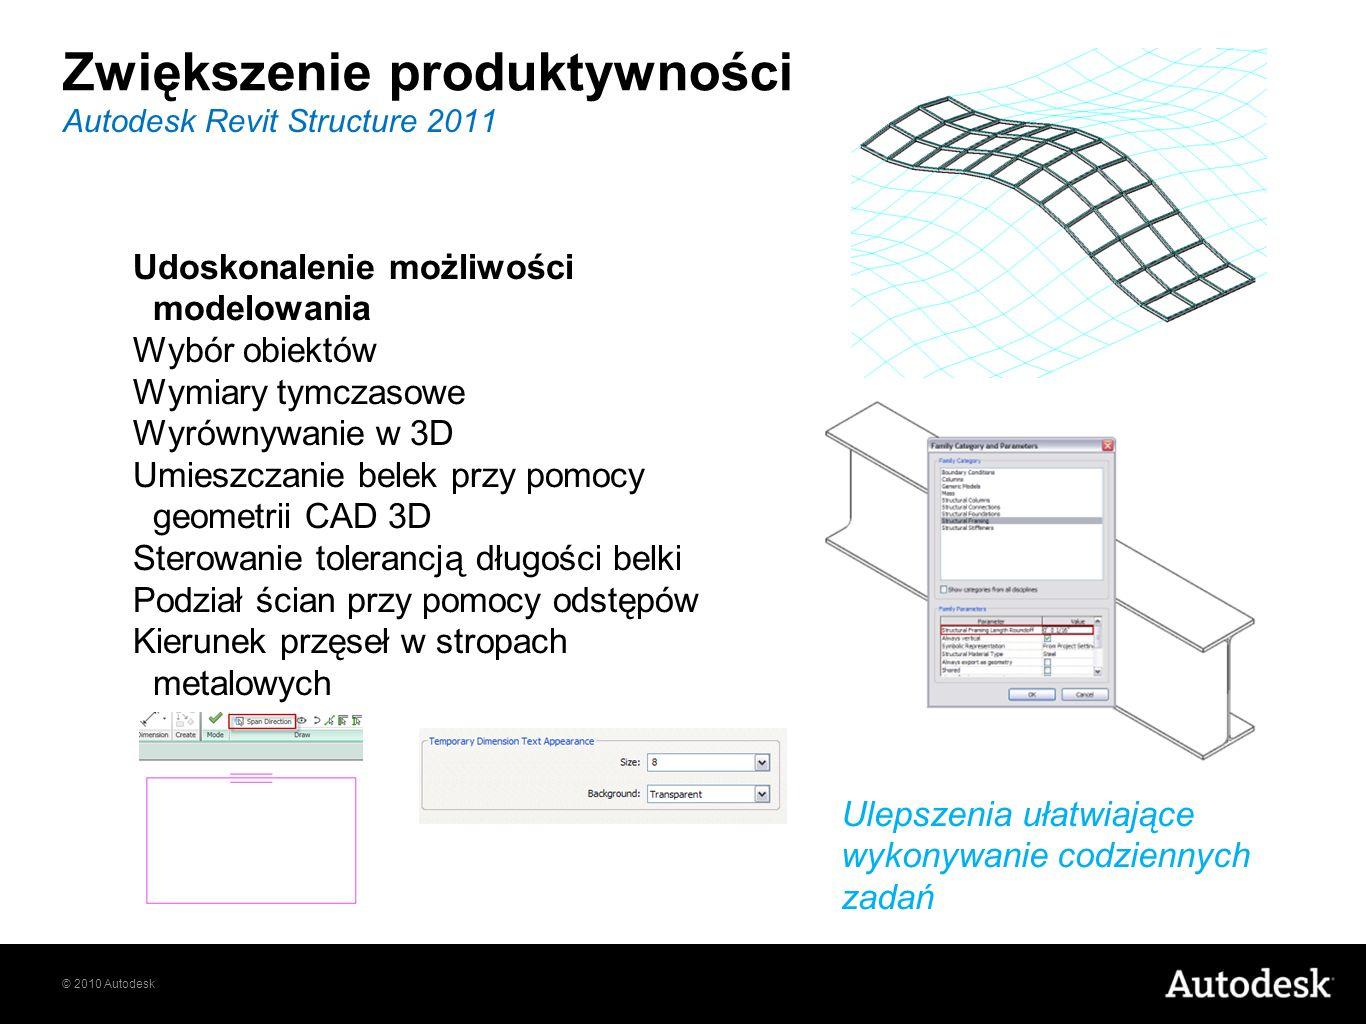 © 2010 Autodesk Autodesk Revit Structure 2011 Zwiększenie produktywności Ulepszenia ułatwiające wykonywanie codziennych zadań Udoskonalenie możliwości